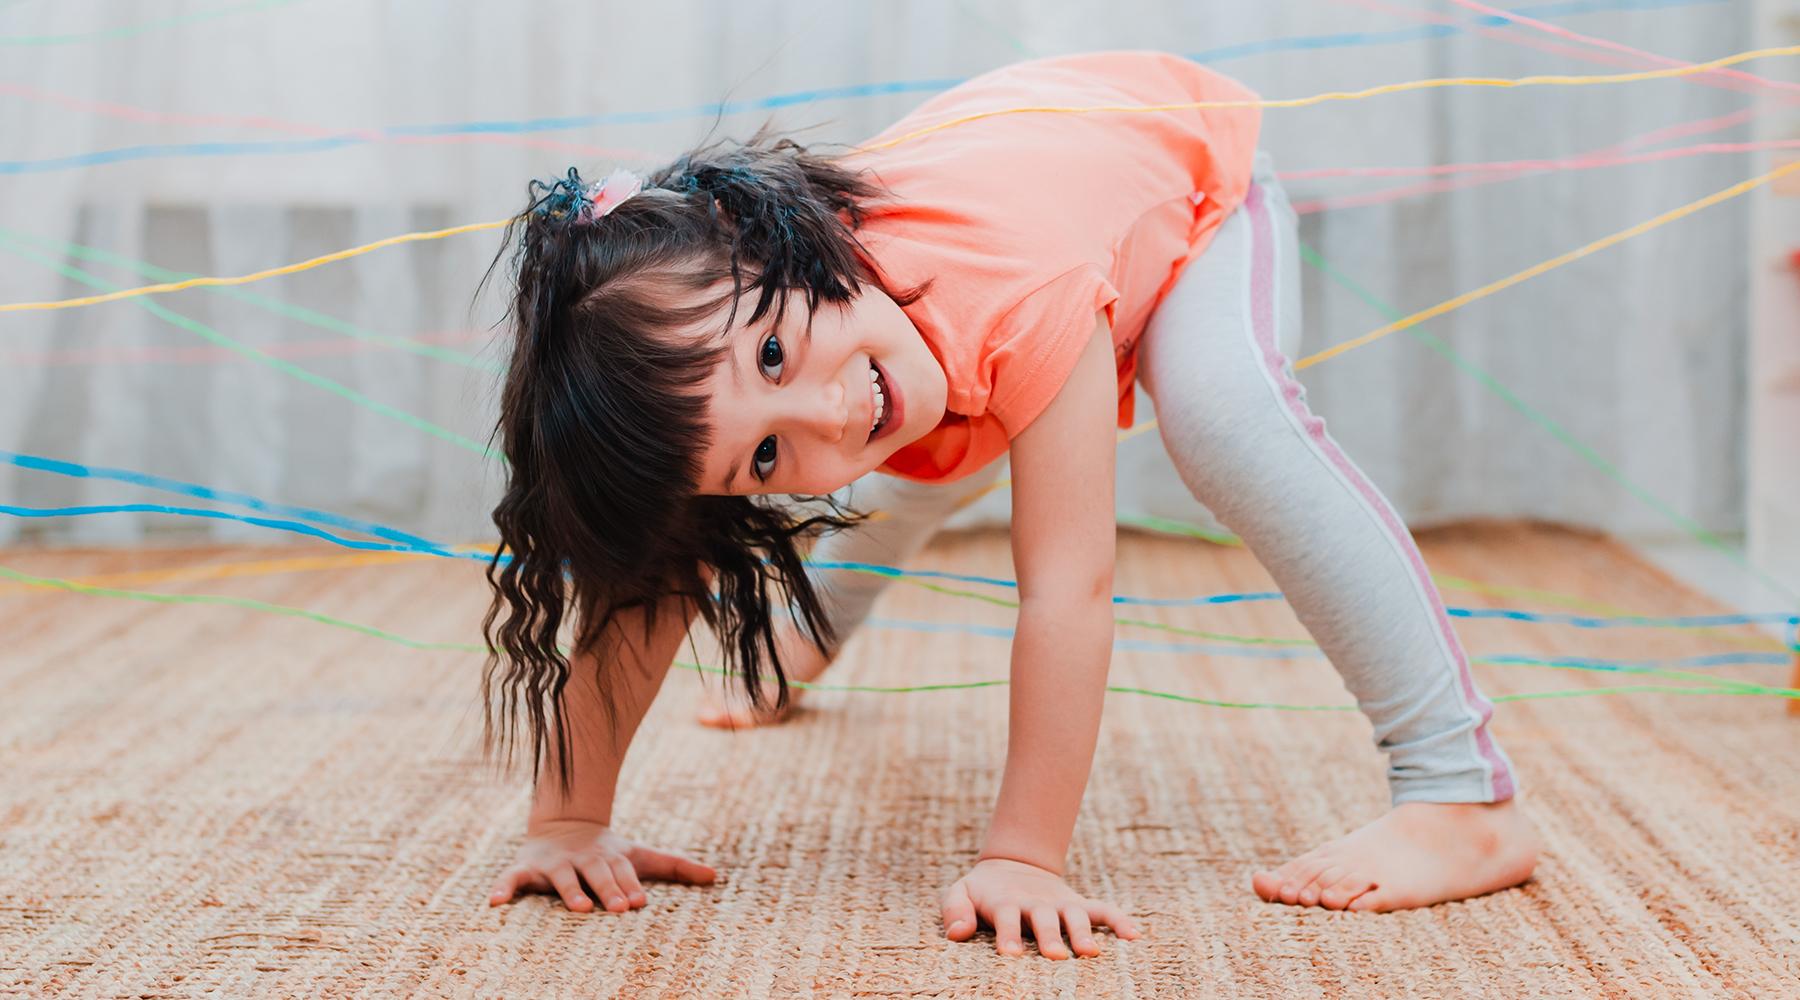 Forhindringsbane indendørs aktiviteter